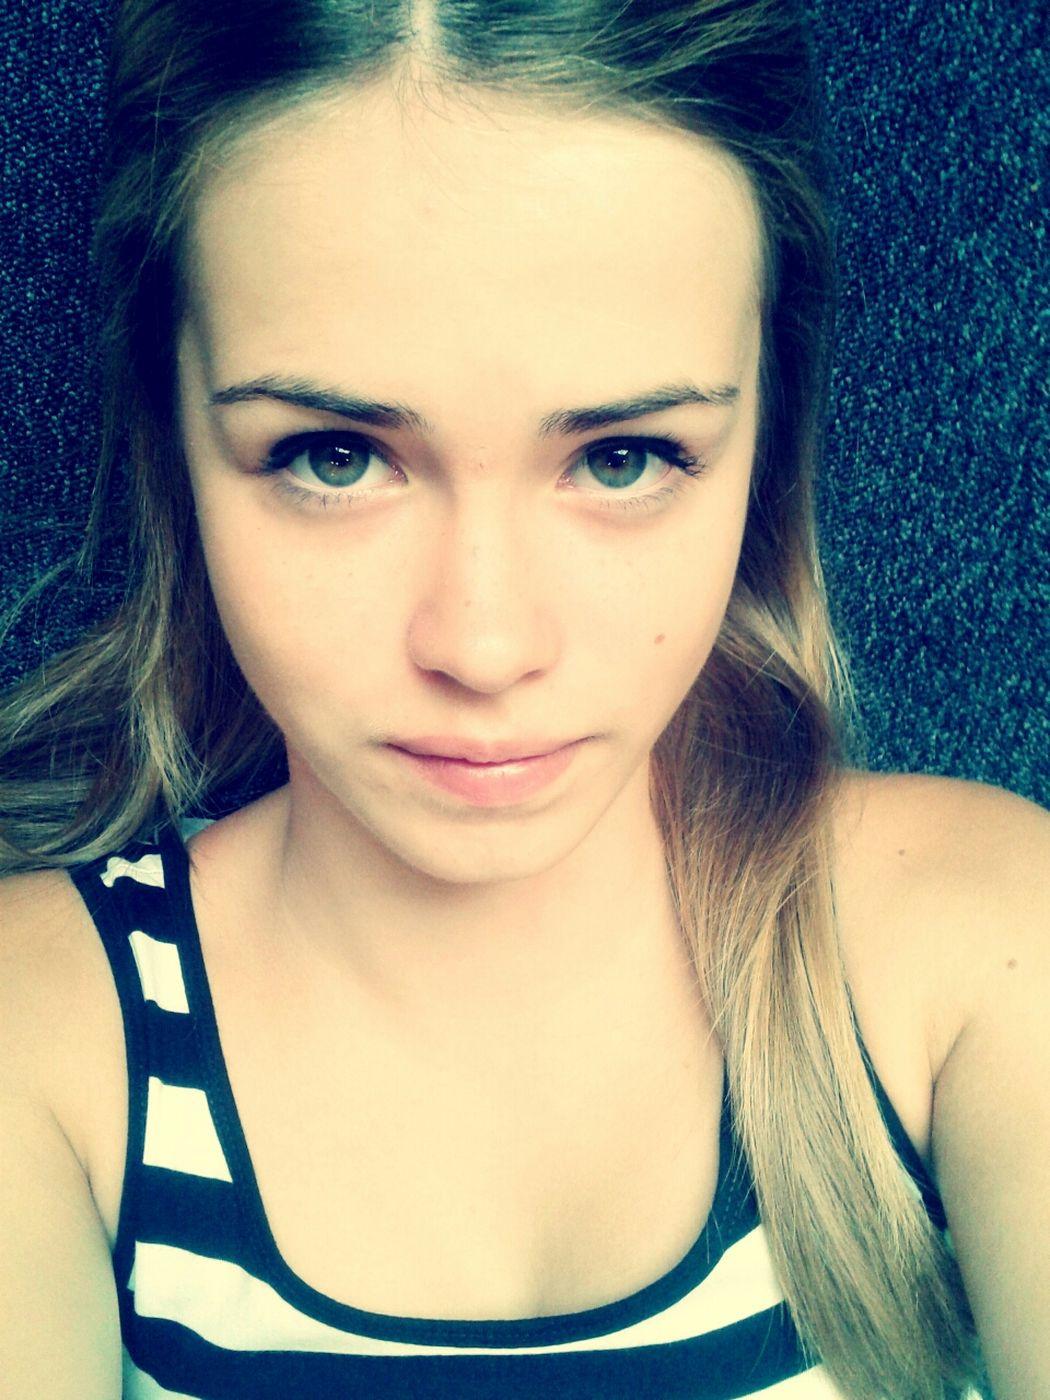 Me Blondbrownhair BlondeAndGreenBlueEyes :D